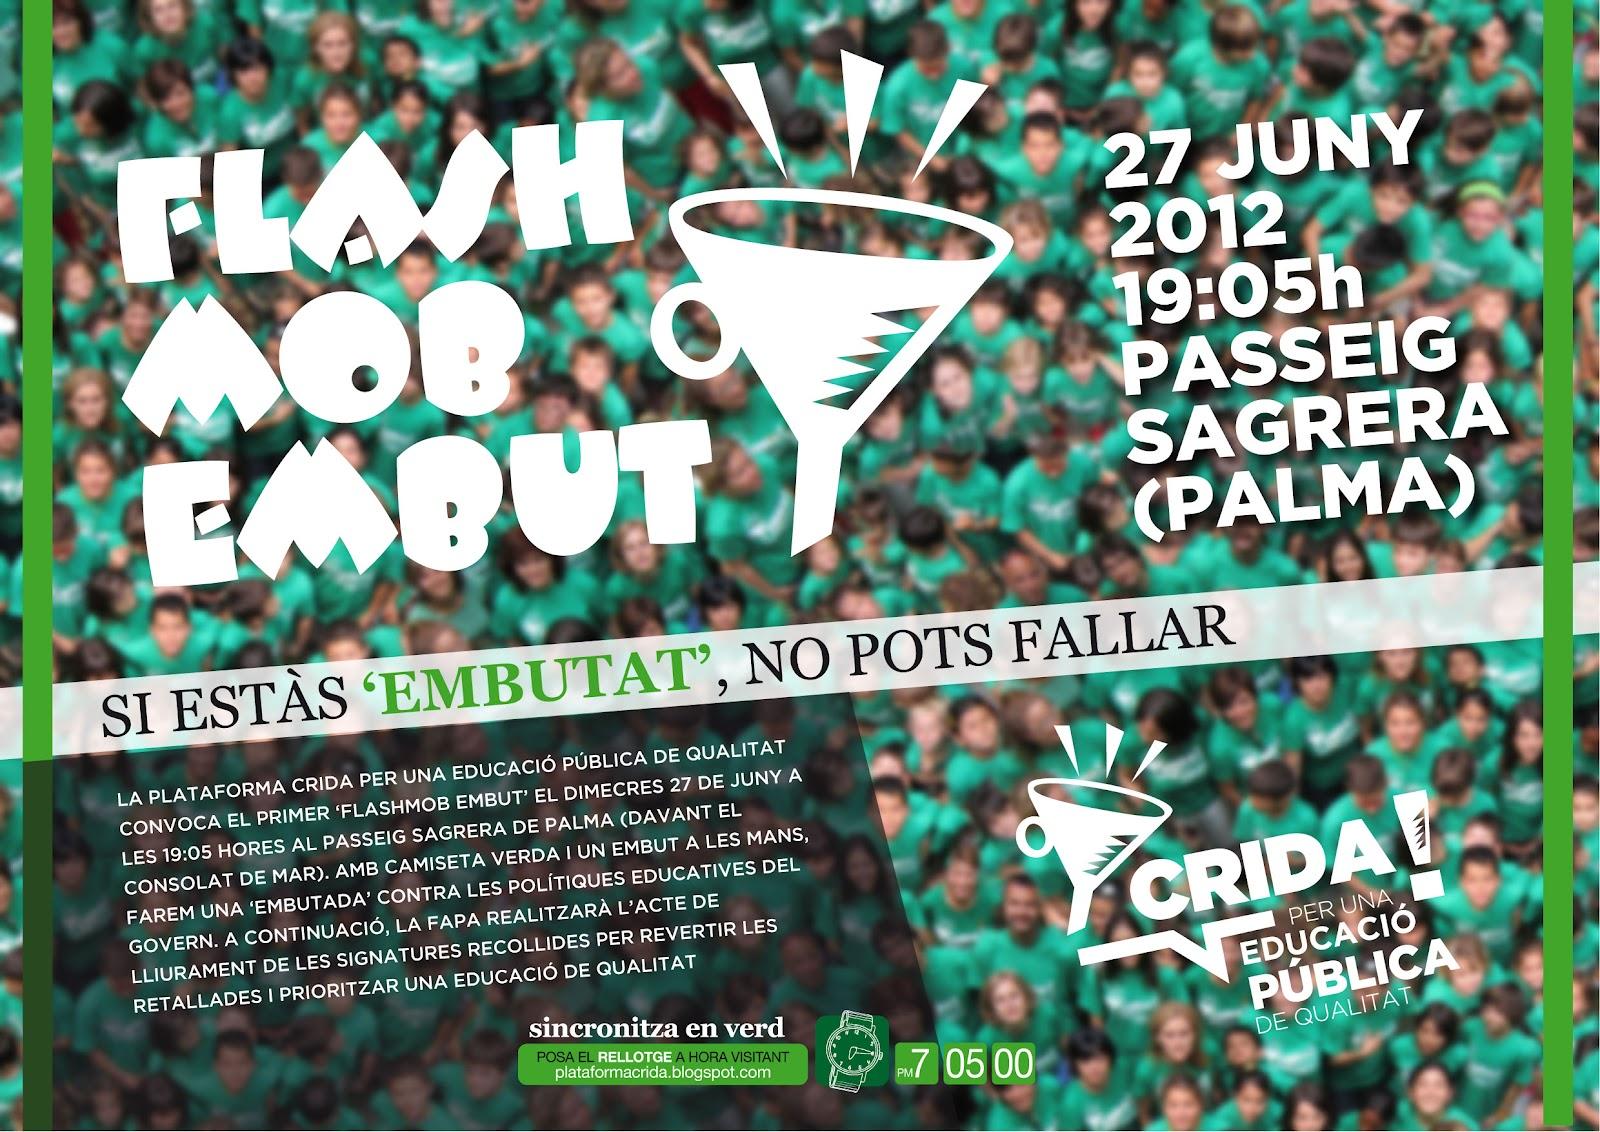 Flashmob de l'Embut (27-06-12)